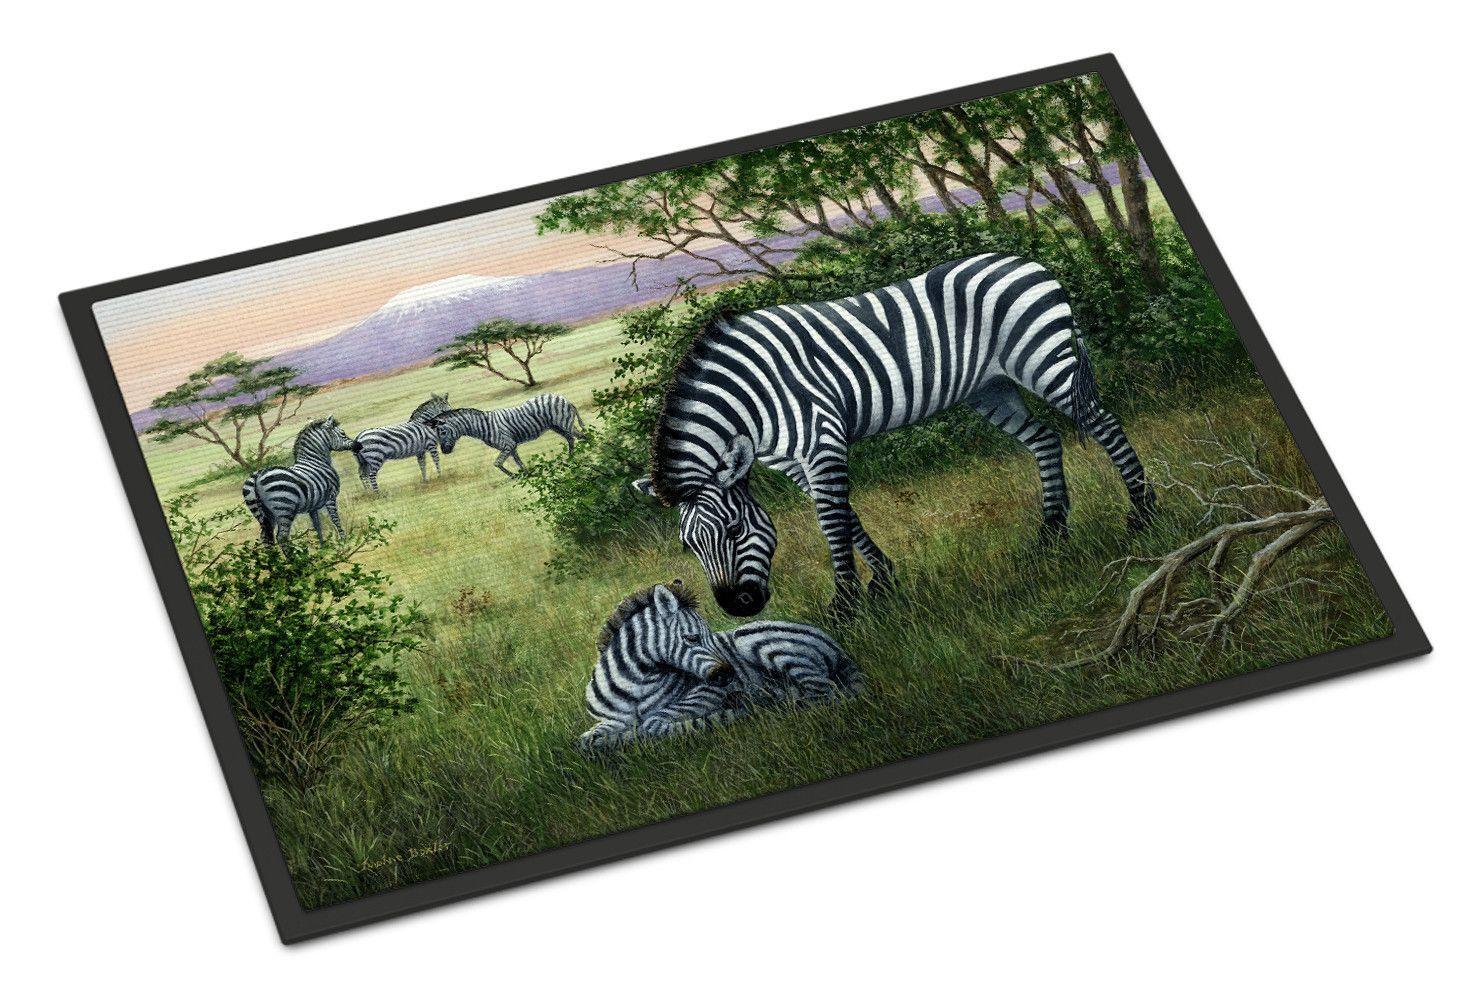 Zebras in the Field with Baby Indoor or Outdoor Mat 18x27 BDBA0385MAT